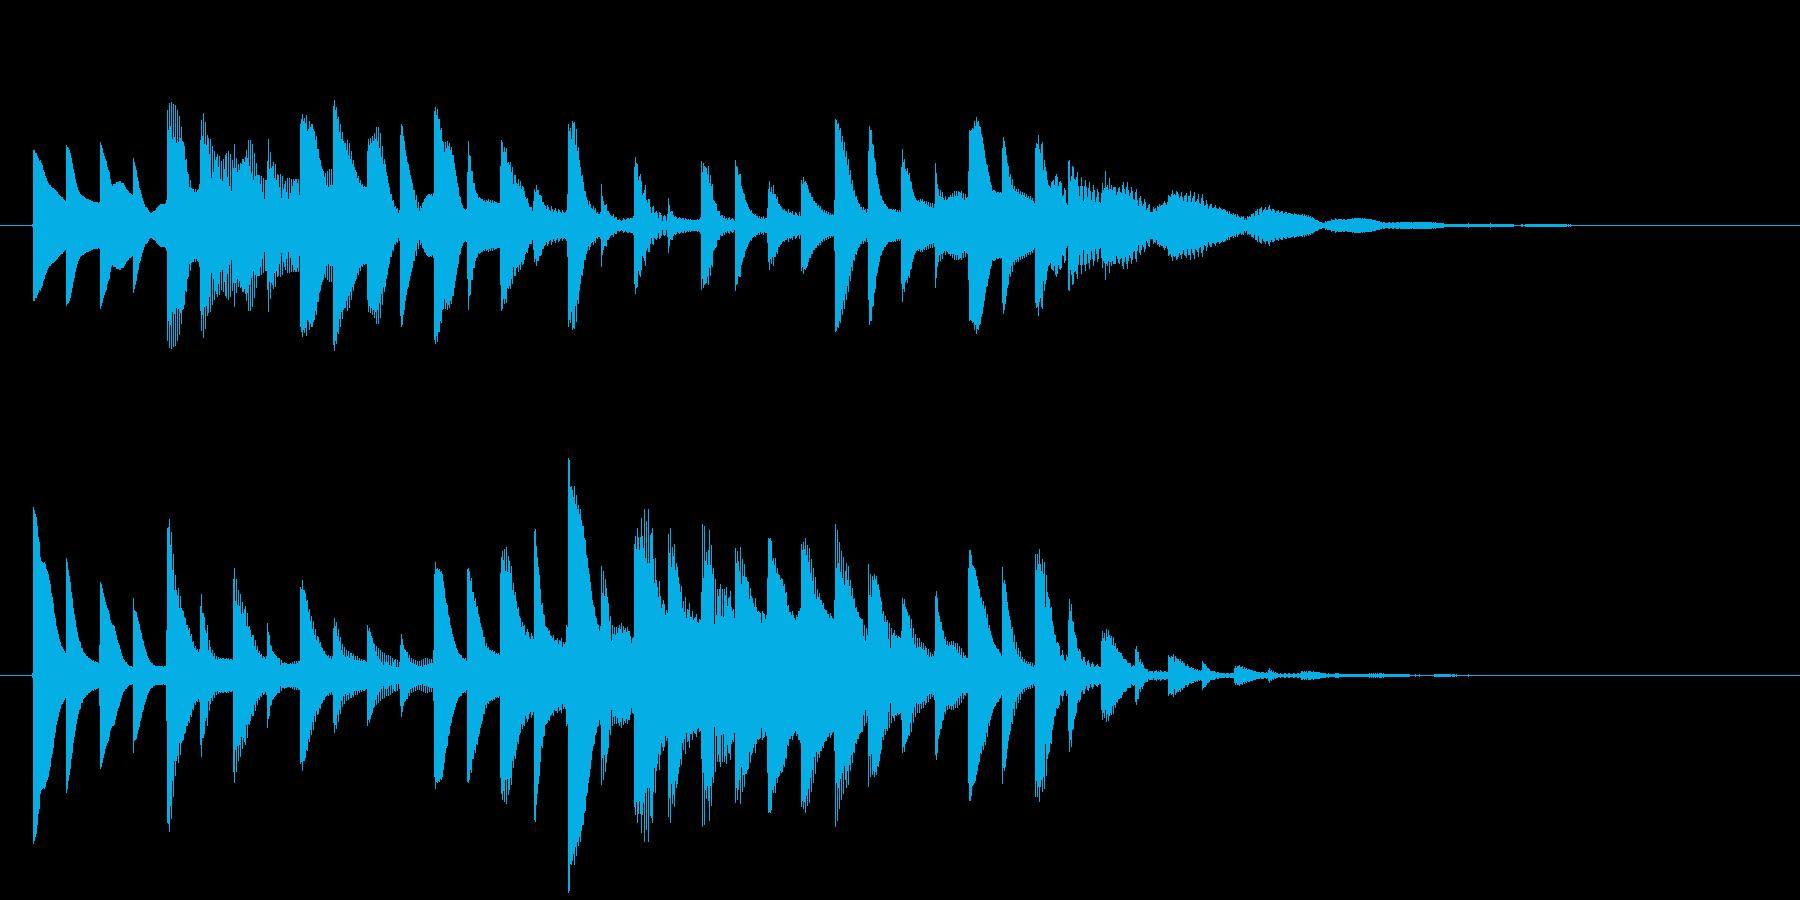 ベルの静かな場面転回音9の再生済みの波形